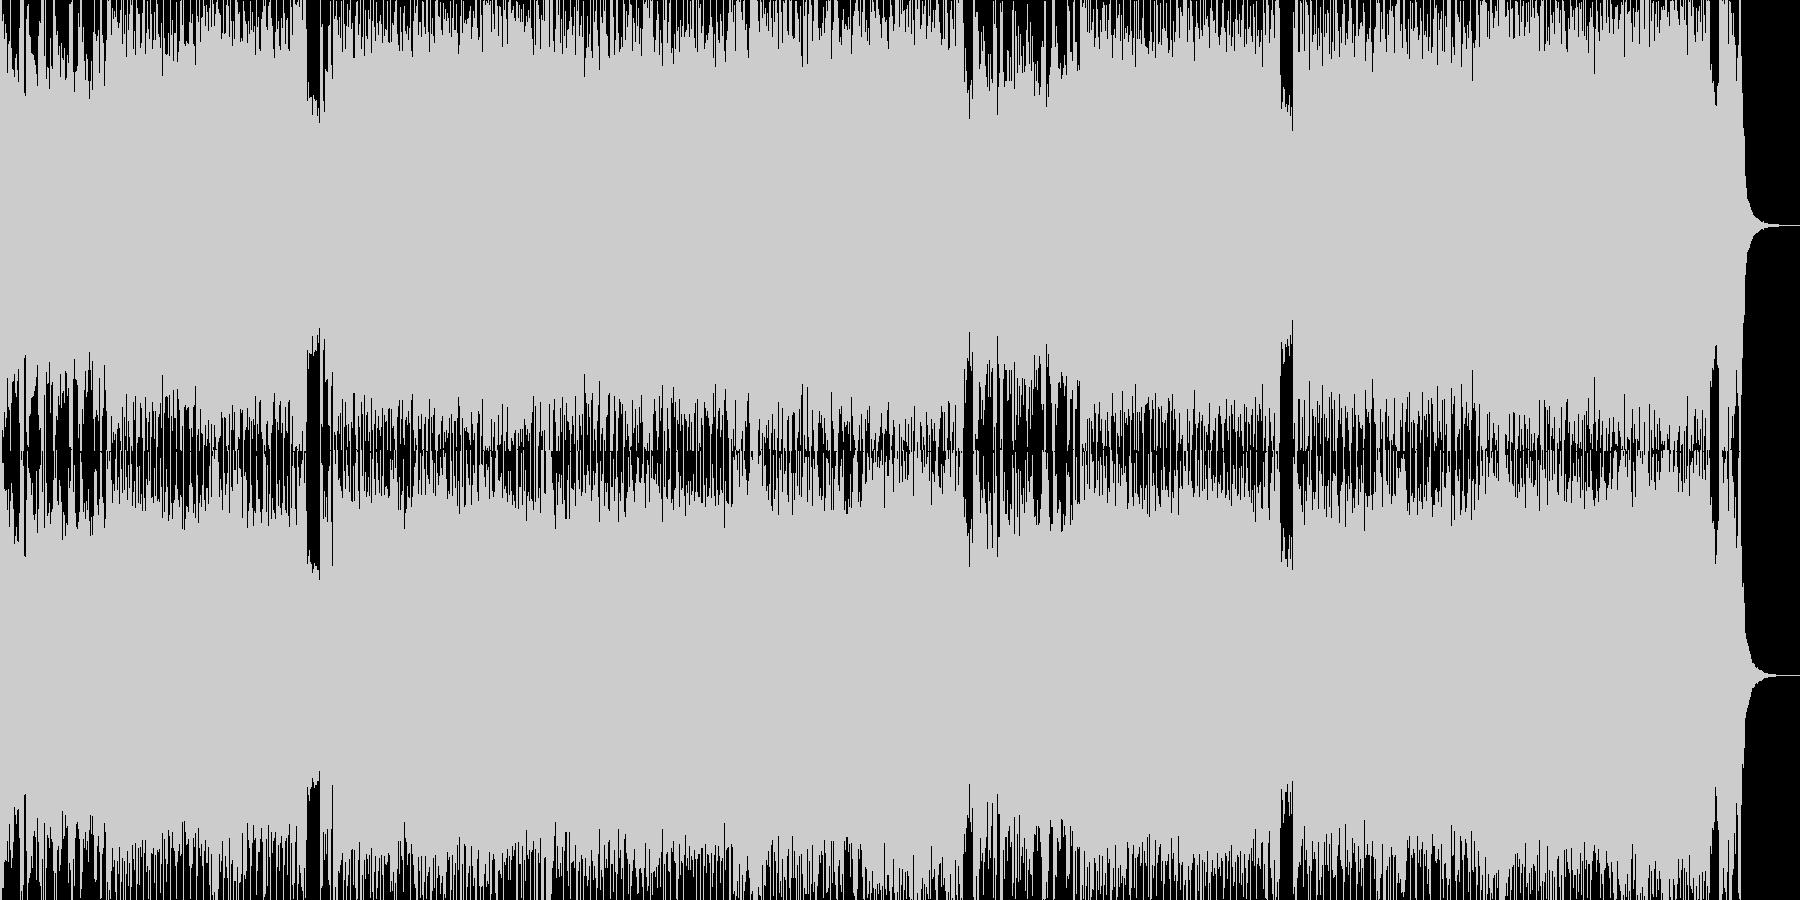 オープニングにぴったりなギターインストの未再生の波形